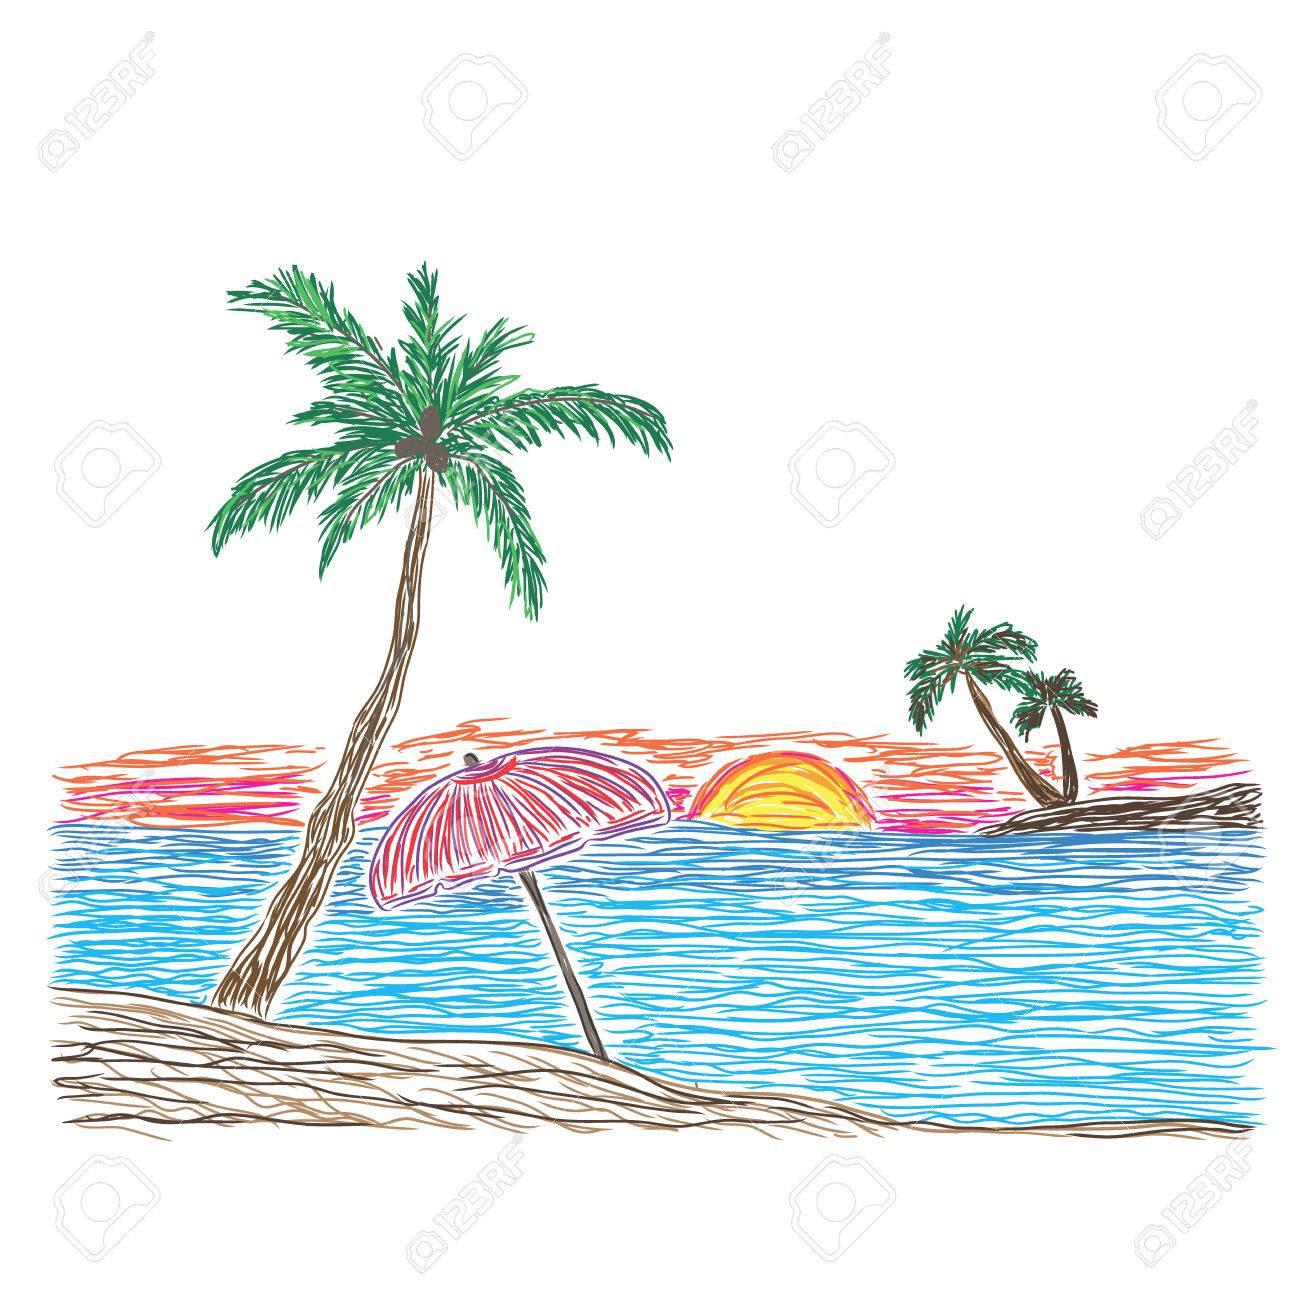 Palmera En Una Playa Dibujo Ilustración Vectorial Tropical